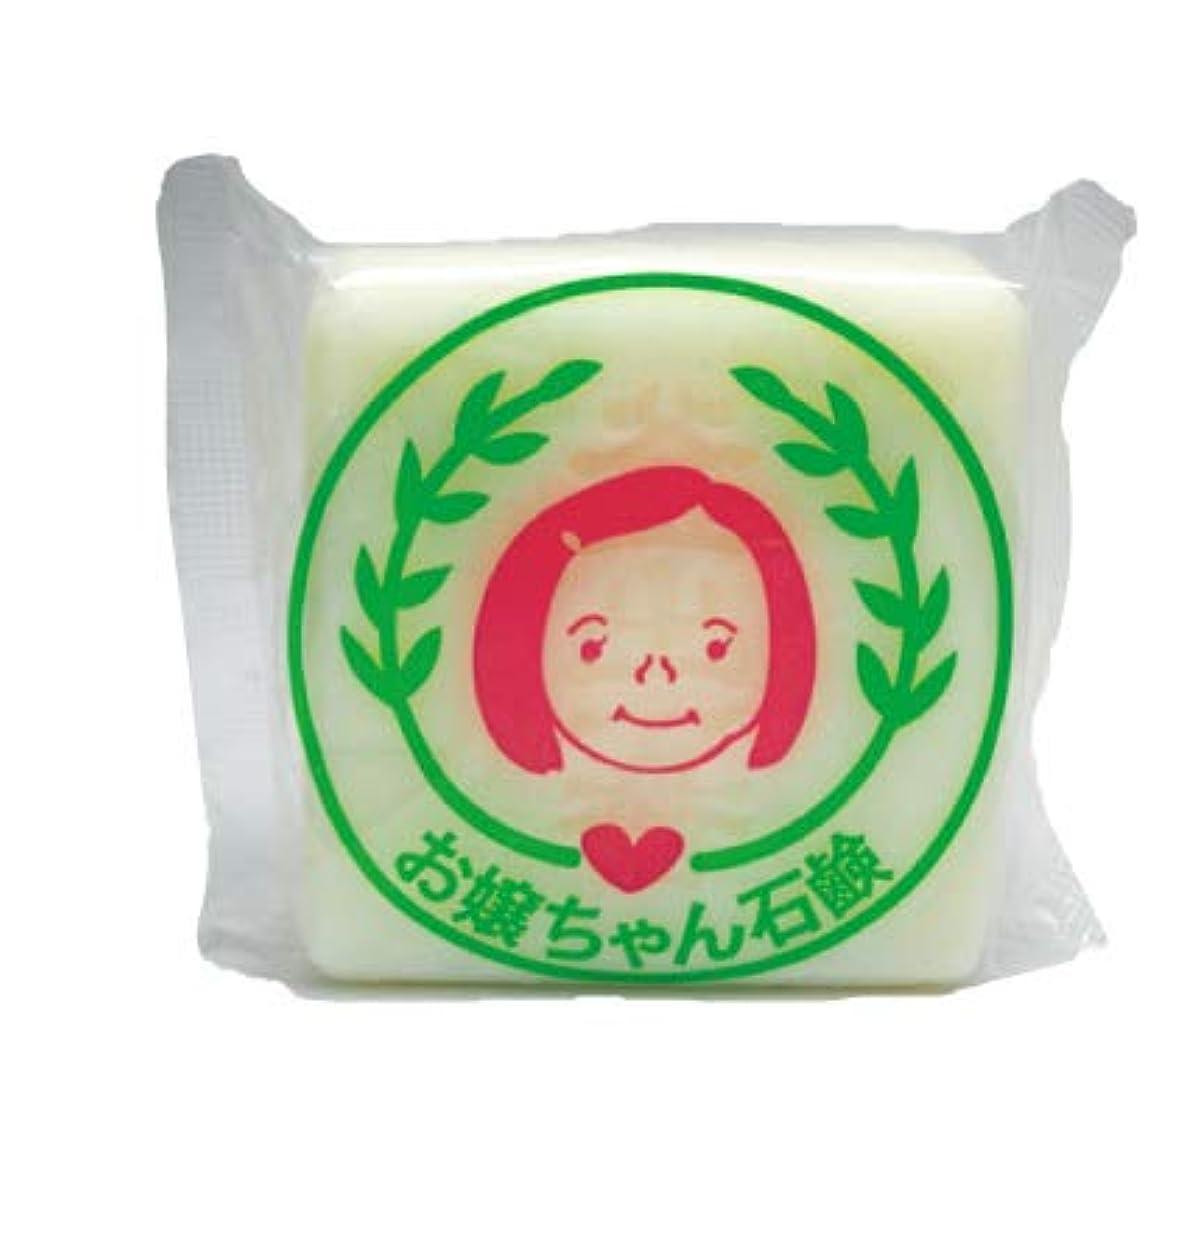 ガイドライン法令泣き叫ぶ新しいお嬢ちゃん石鹸(100g)